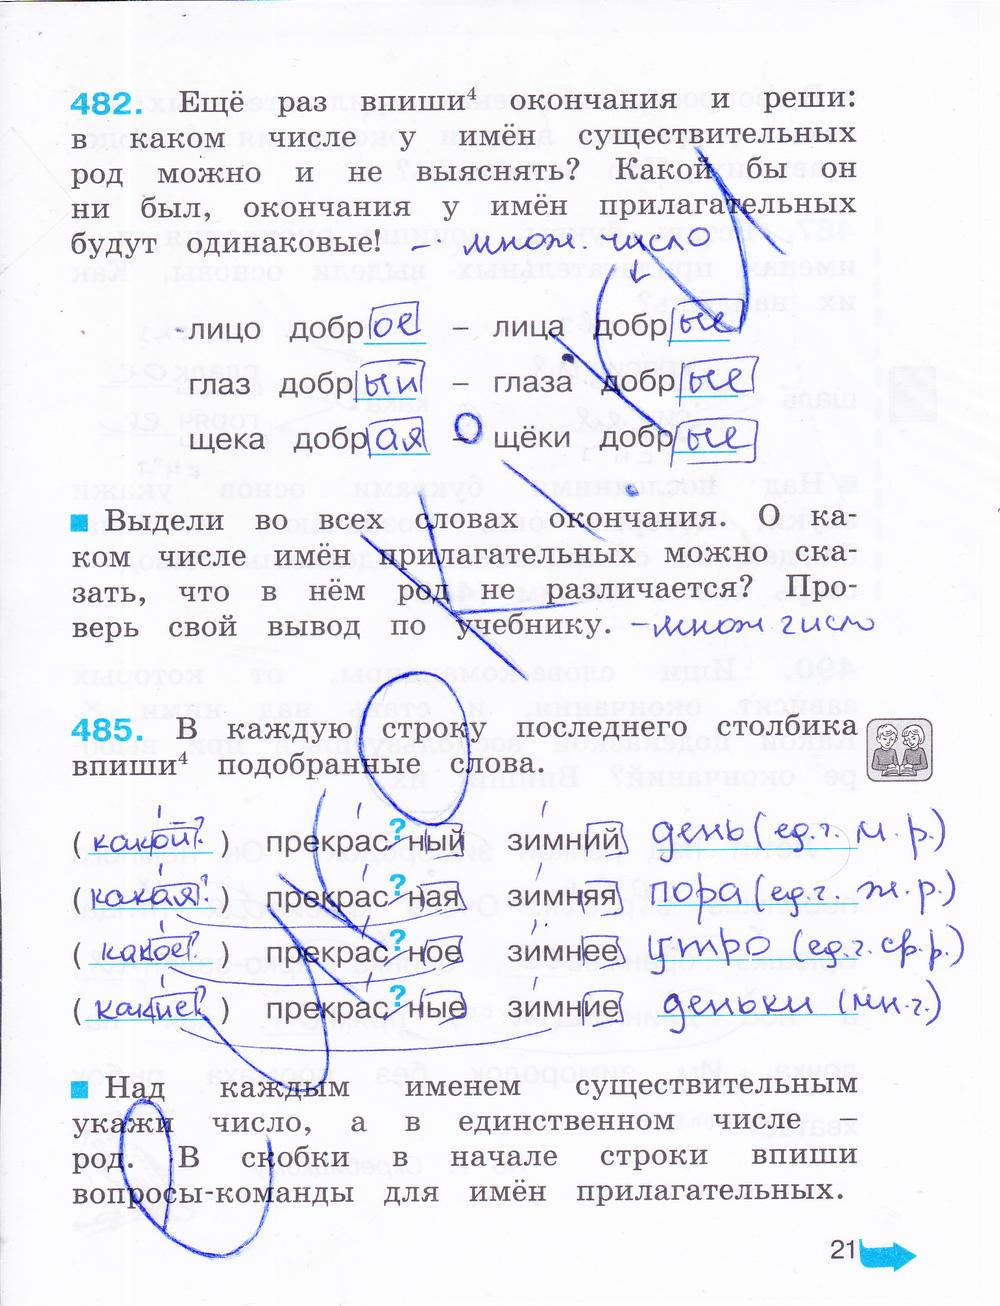 гдз по русскому языку 3 класс соловейчик печатная тетрадь